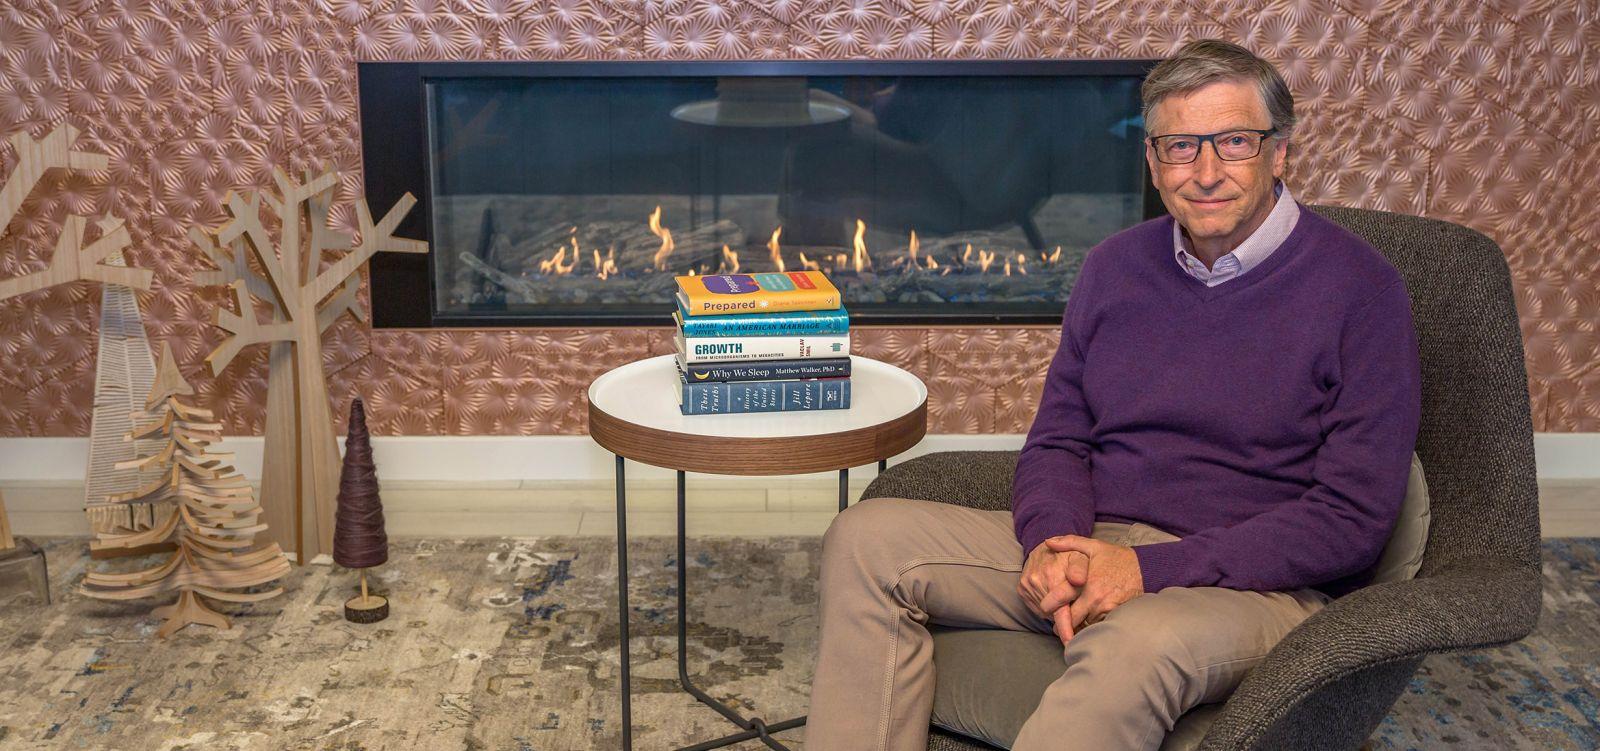 Наука о снах и спорная история США. ТОП-5 лучших книг 2019 года от Билла...